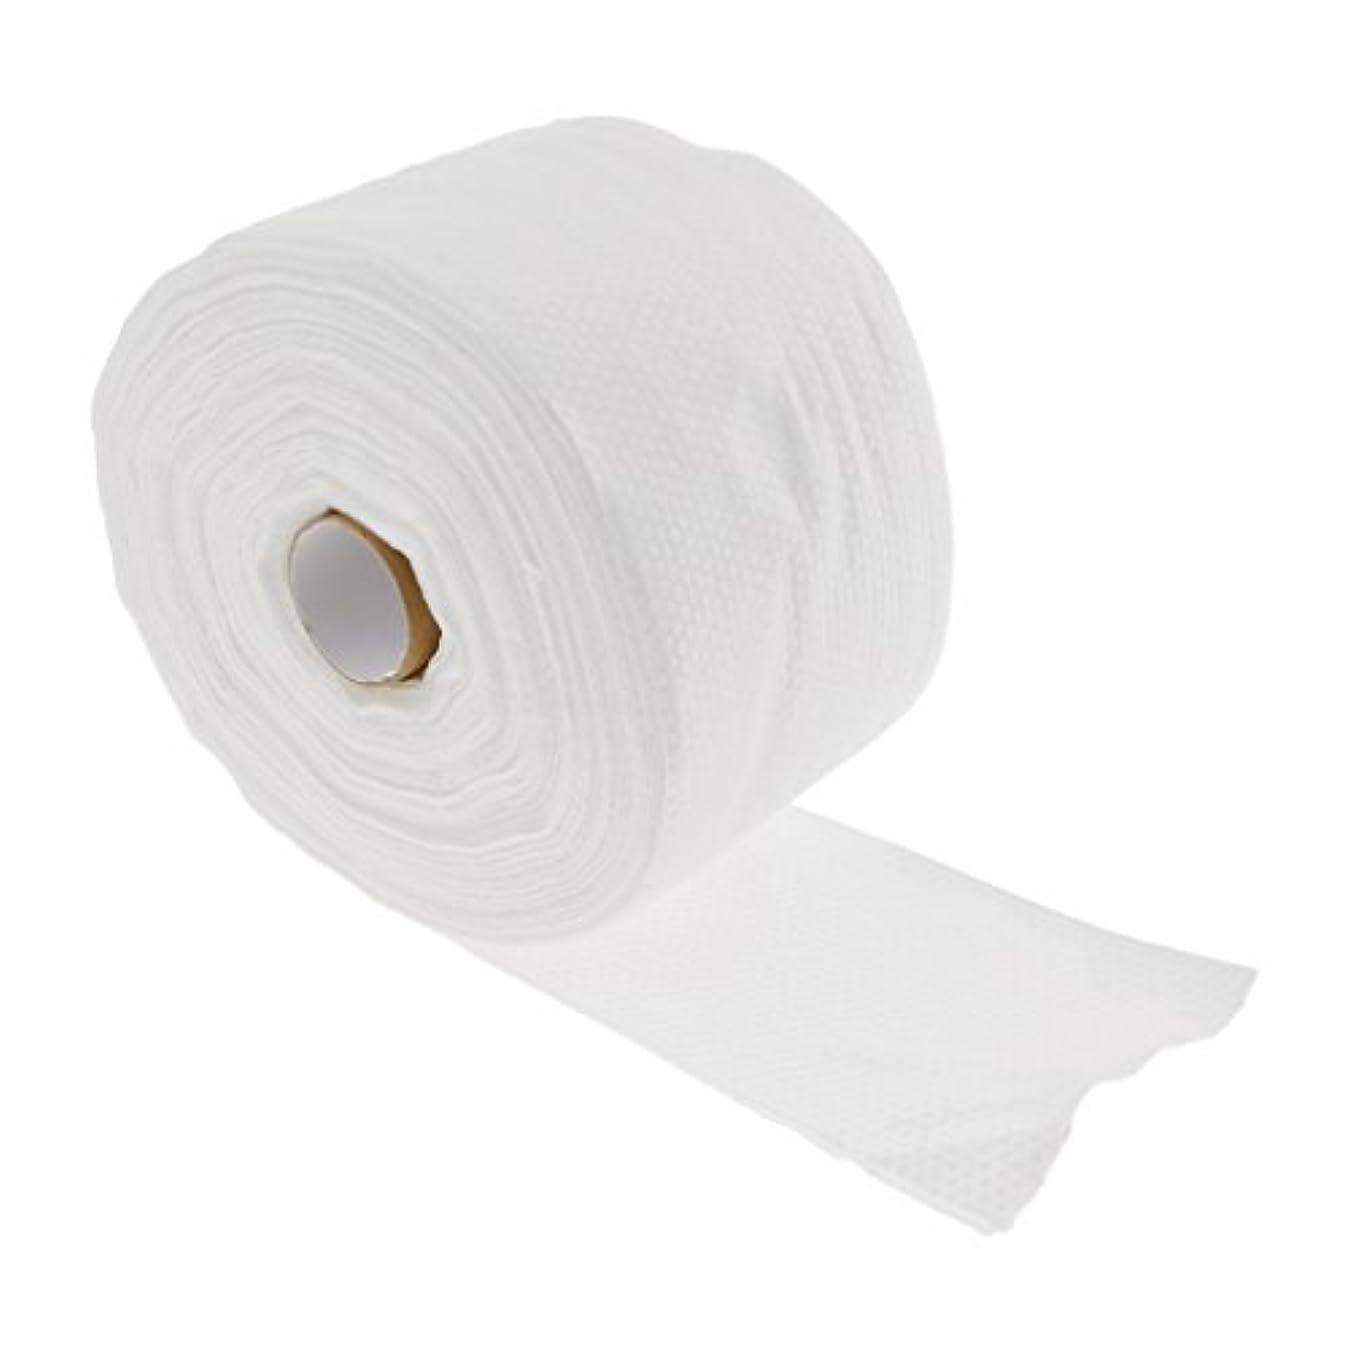 師匠定義生息地Toygogo 1つのロール30メートルの使い捨て可能なタオル繊維の清潔になる顔のワイプの構造の除去剤 - #2